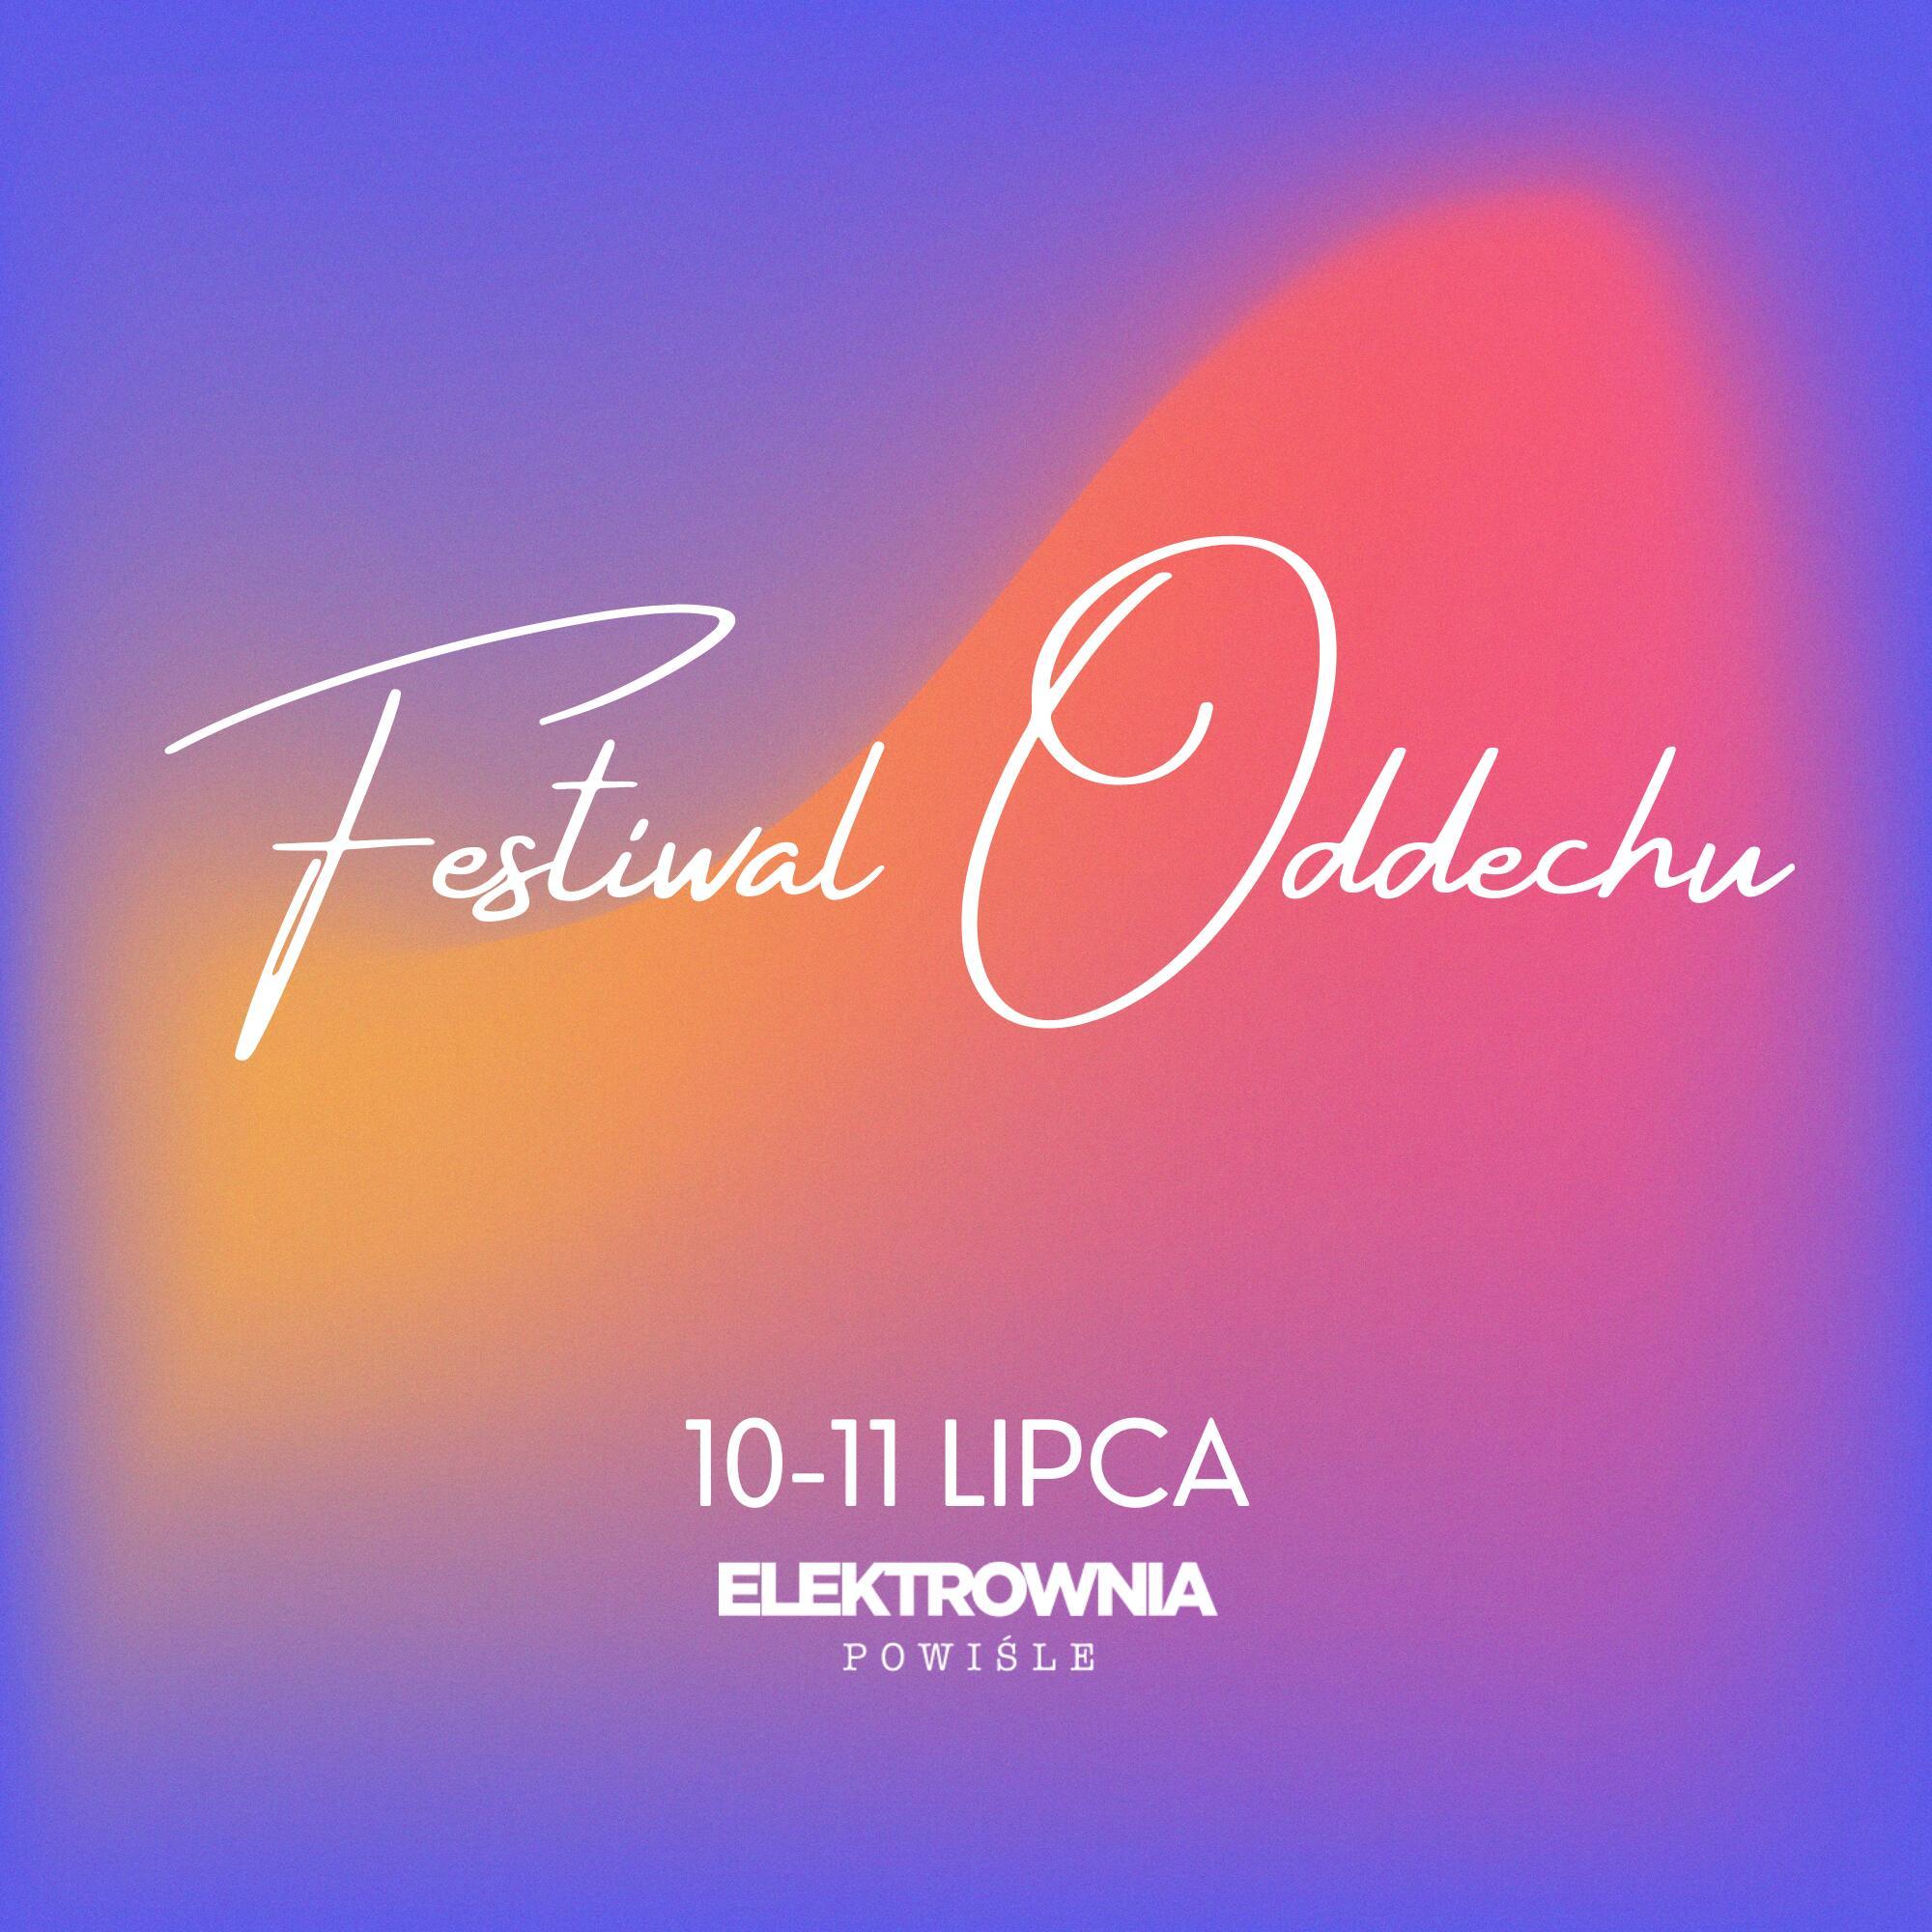 Bilet na CUUD Integrowanie Oddechem. Odzyskaj życiowy napęd. Festiwal Oddechu #1 - Festiwal Oddechu | JestemSlow.pl